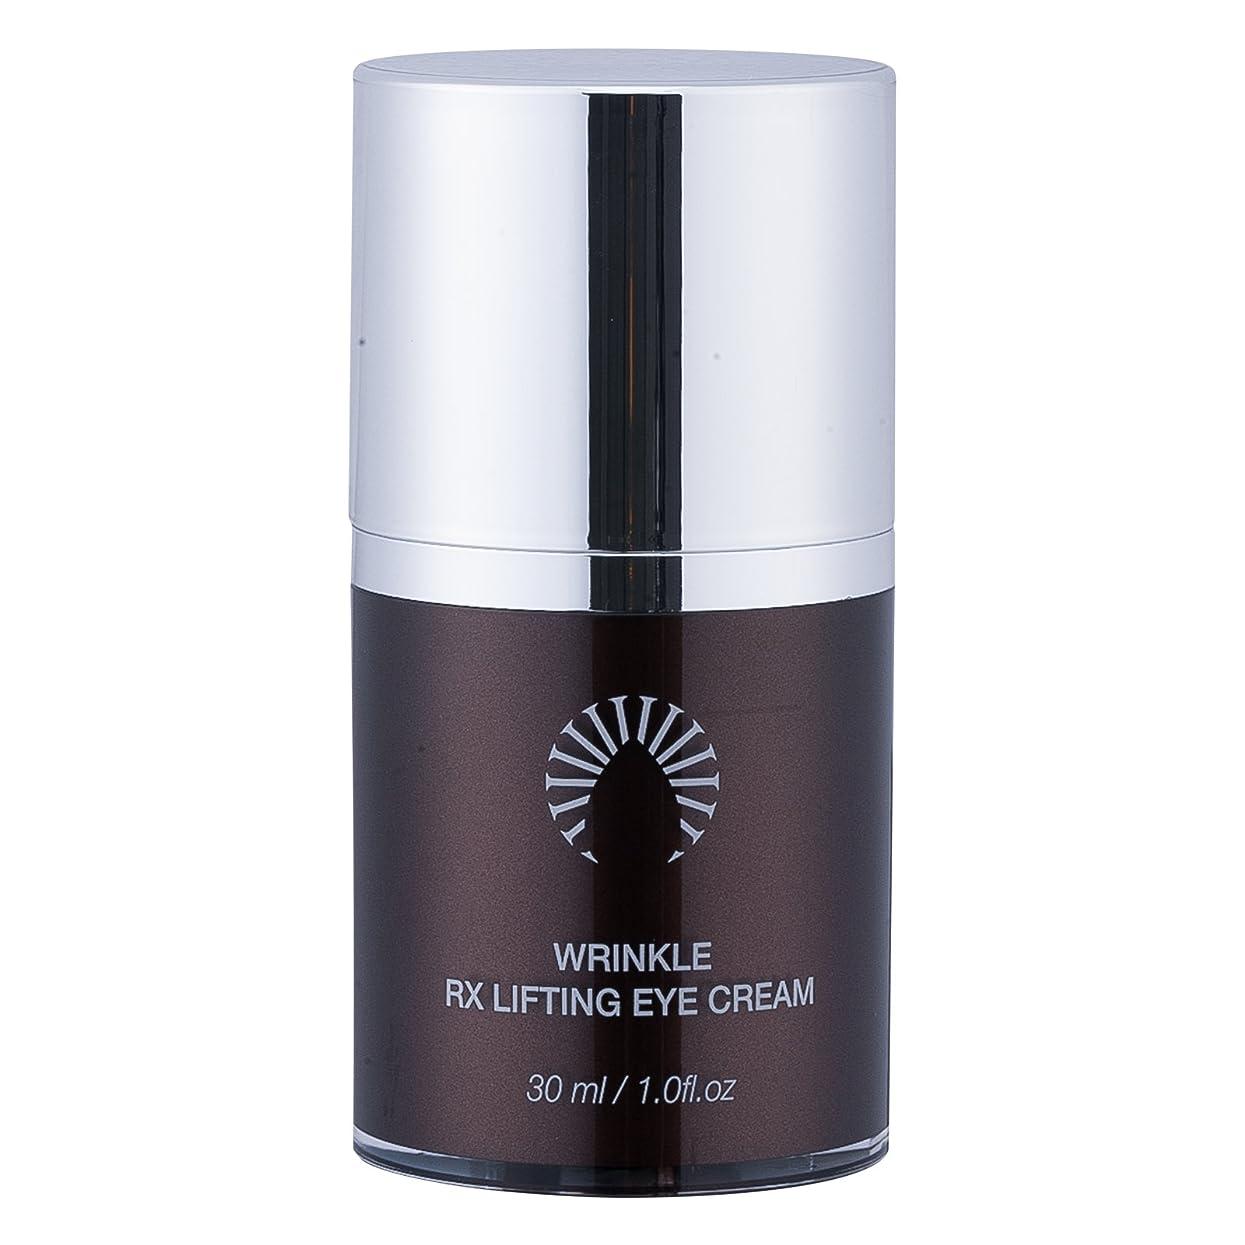 予報敷居ドックLEAUCLAIRE CALLUS Wrinkle RX Lifting Eye Cream リフティングアイクリーム